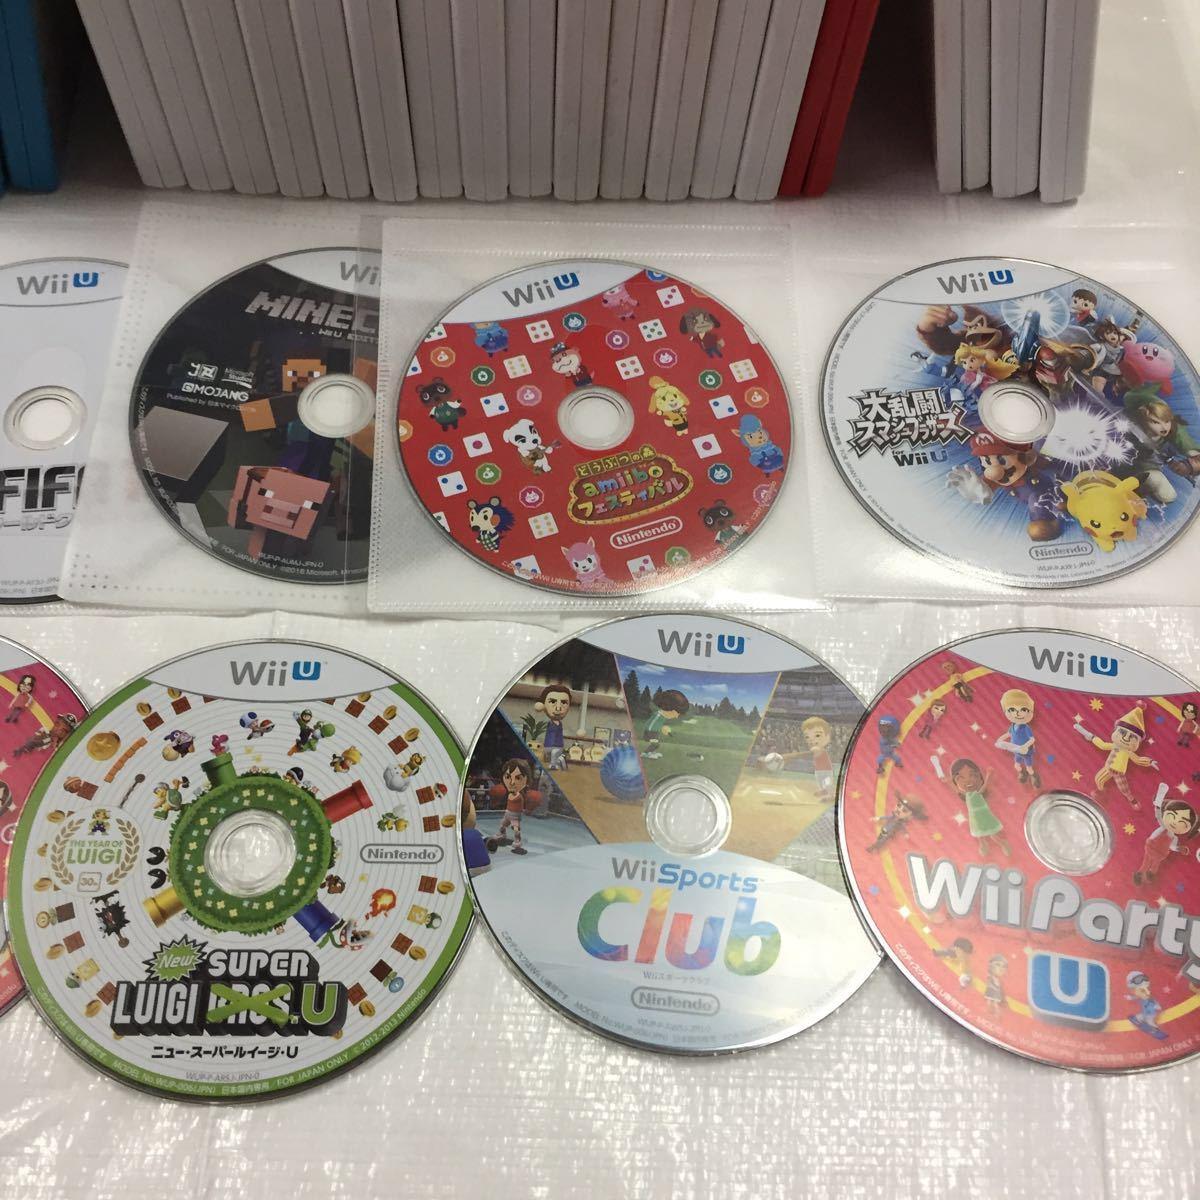 【ジャンク】任天堂Wii WiiUソフトまとめ売り ソフト大量 ニンテンドー ゲームキューブソフト Wiiパーティ はじめてのWii_画像3